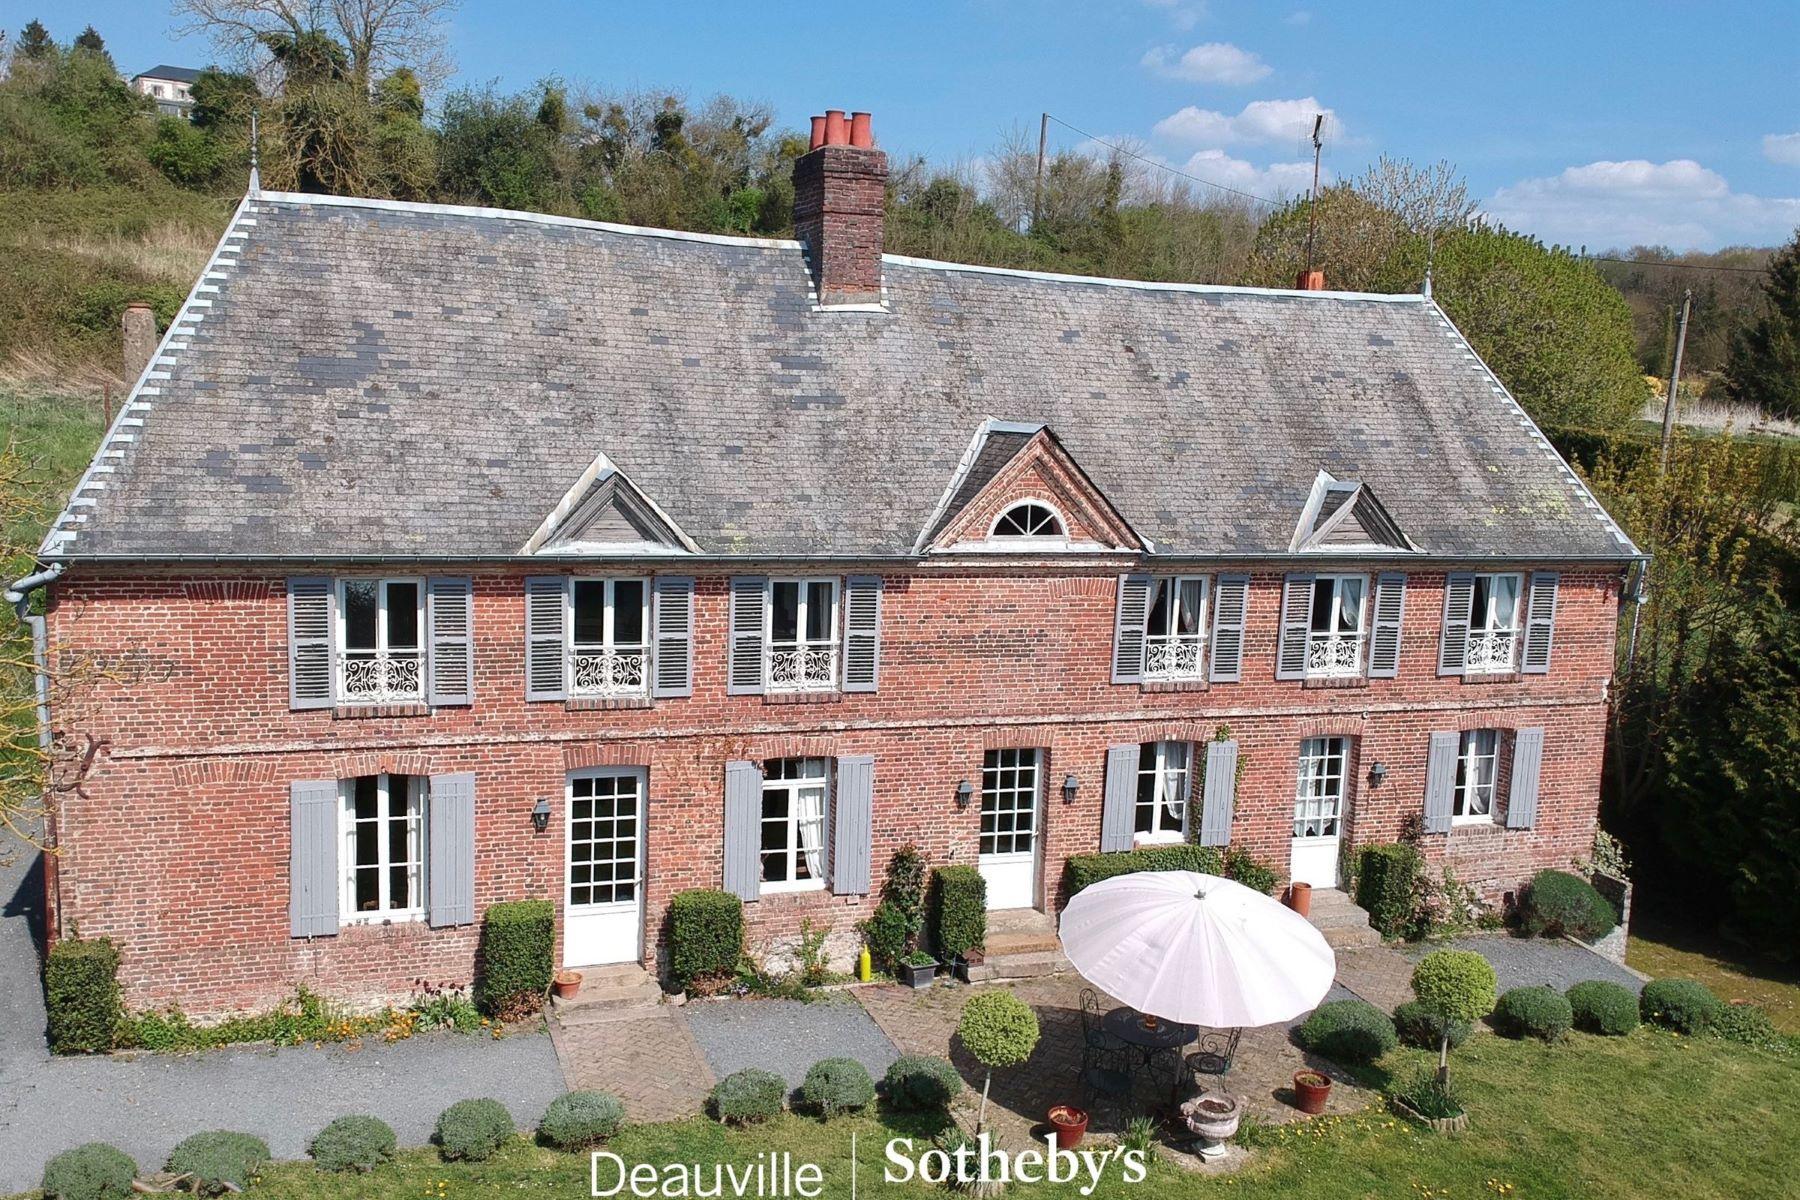 Single Family Homes for Sale at Normandie - Pays d'Auge - Proche Lisieux - Vente - Manoir Directoire - 1.4 ha La Chapelle Yvon, Lower Normandy 14290 France